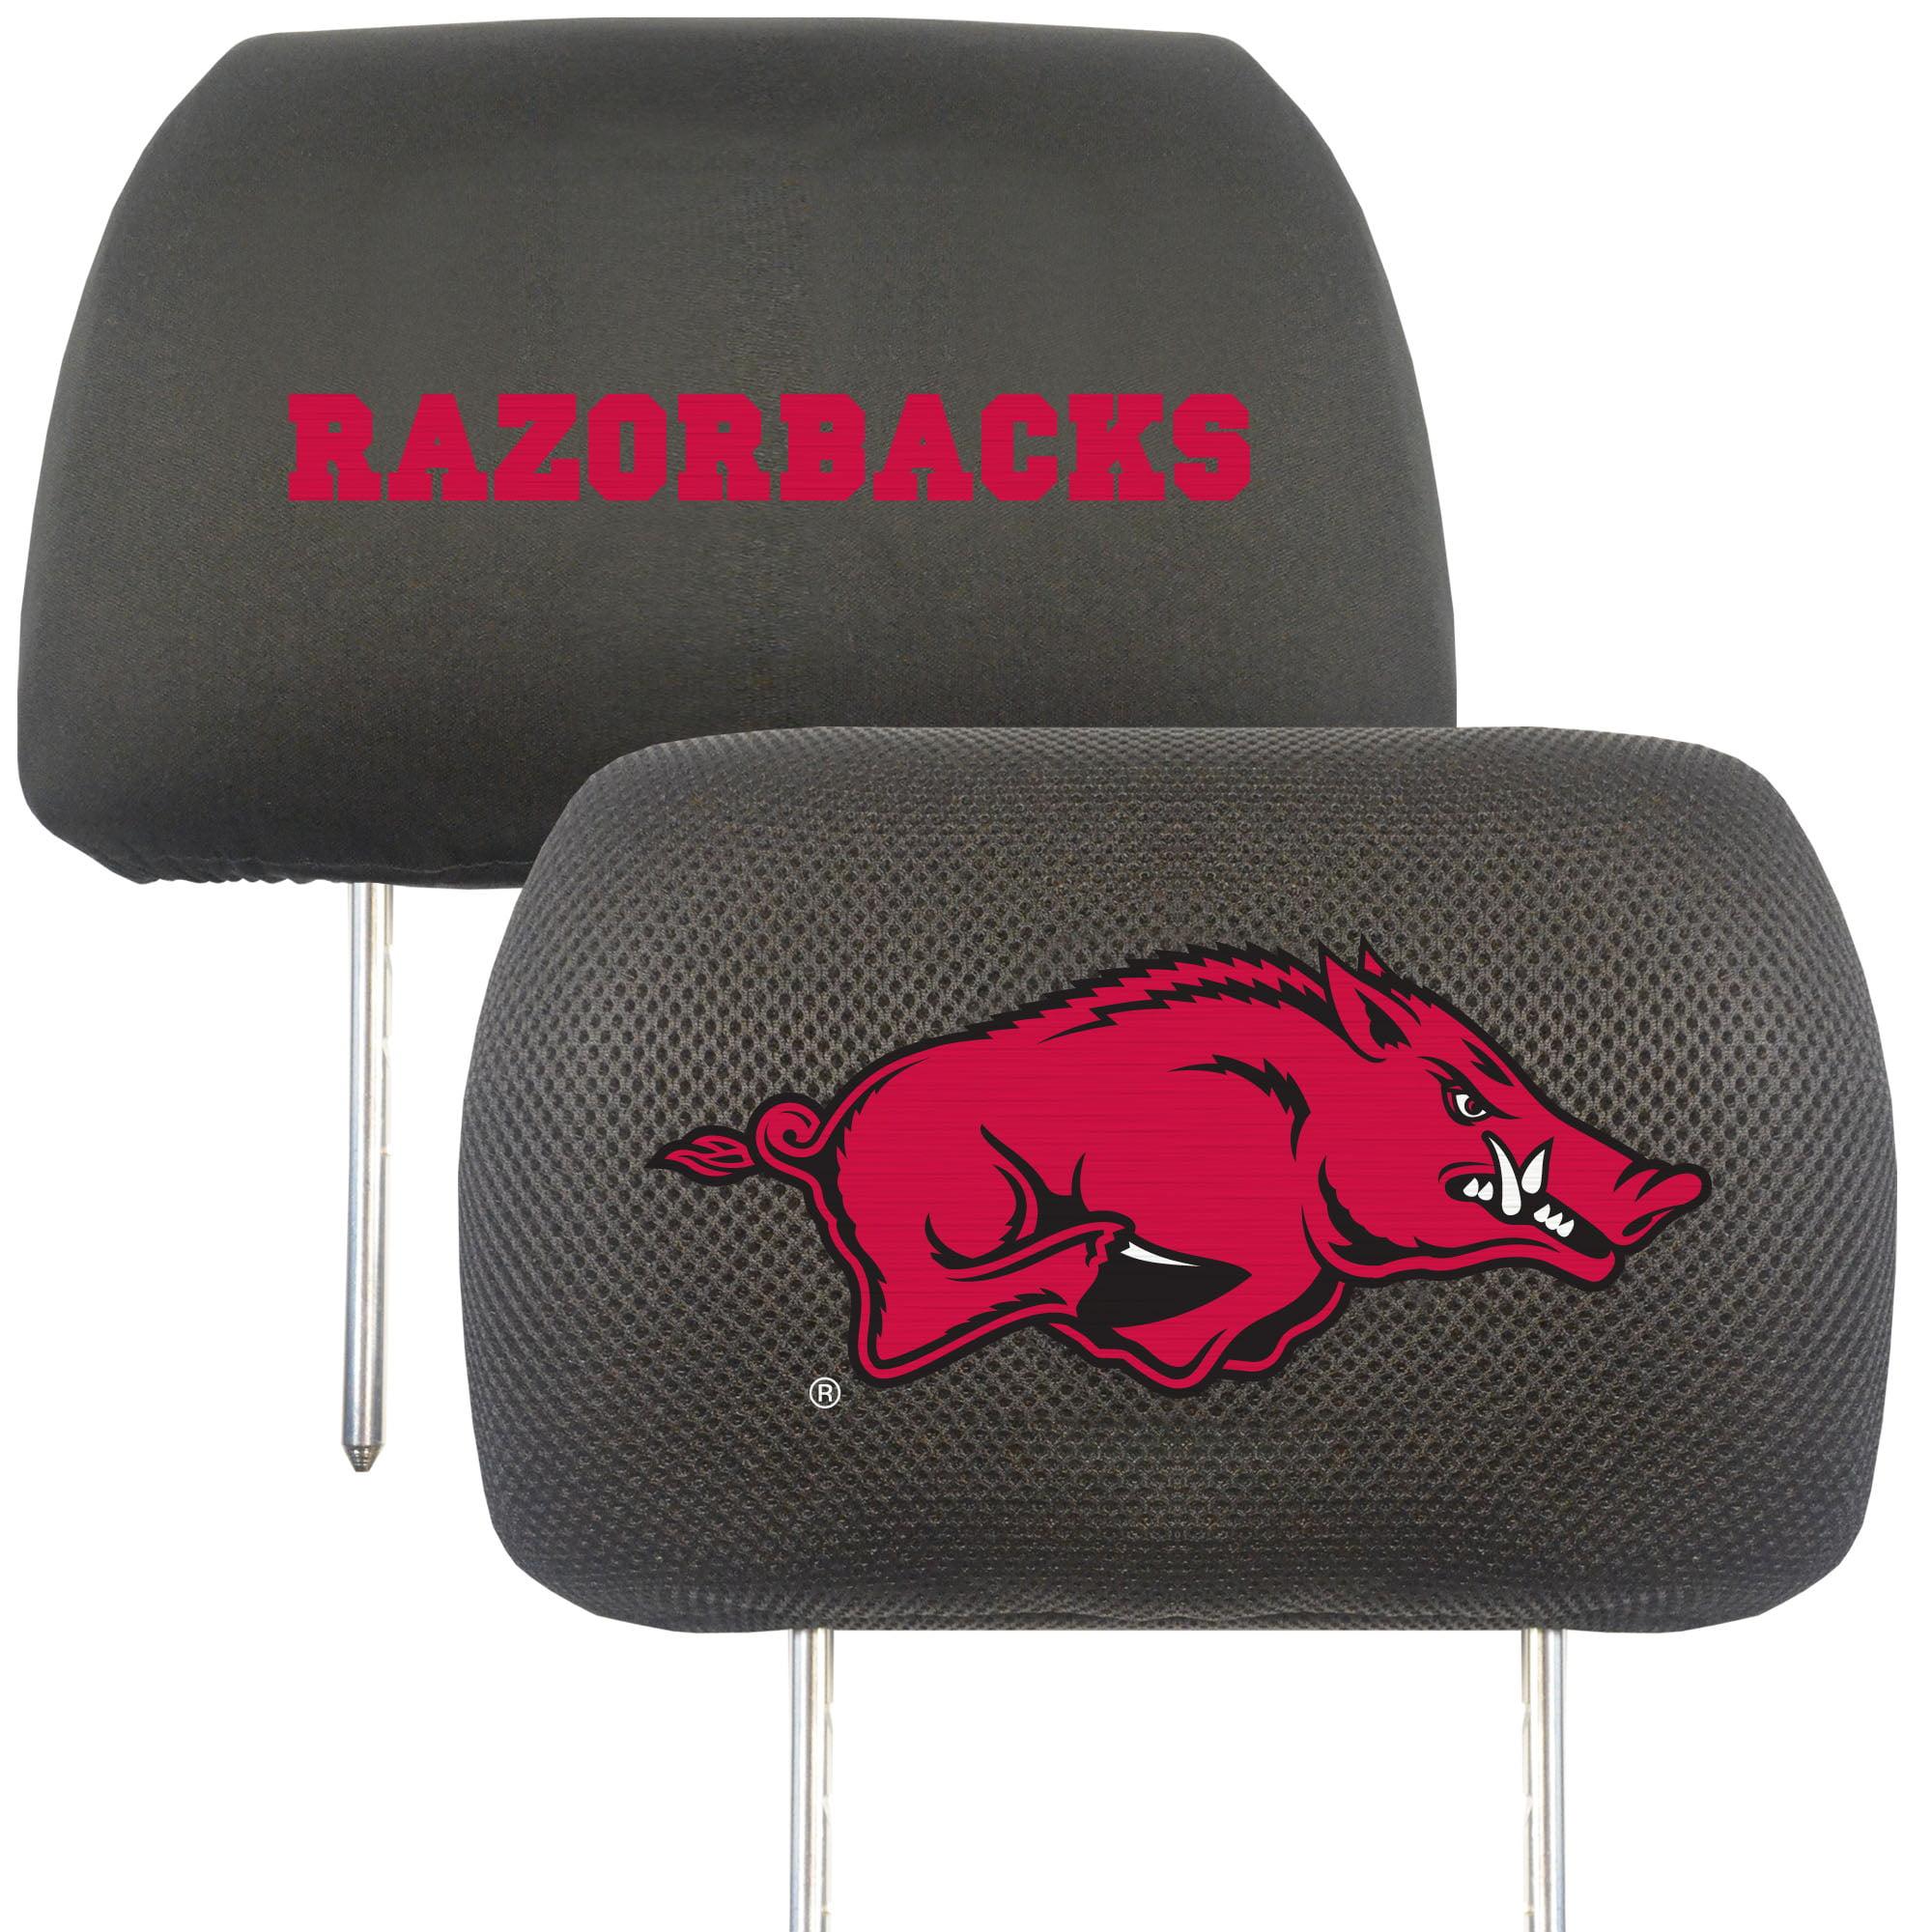 NCAA University of Arkansas Razorbacks Head Rest Cover Automotive Accessory